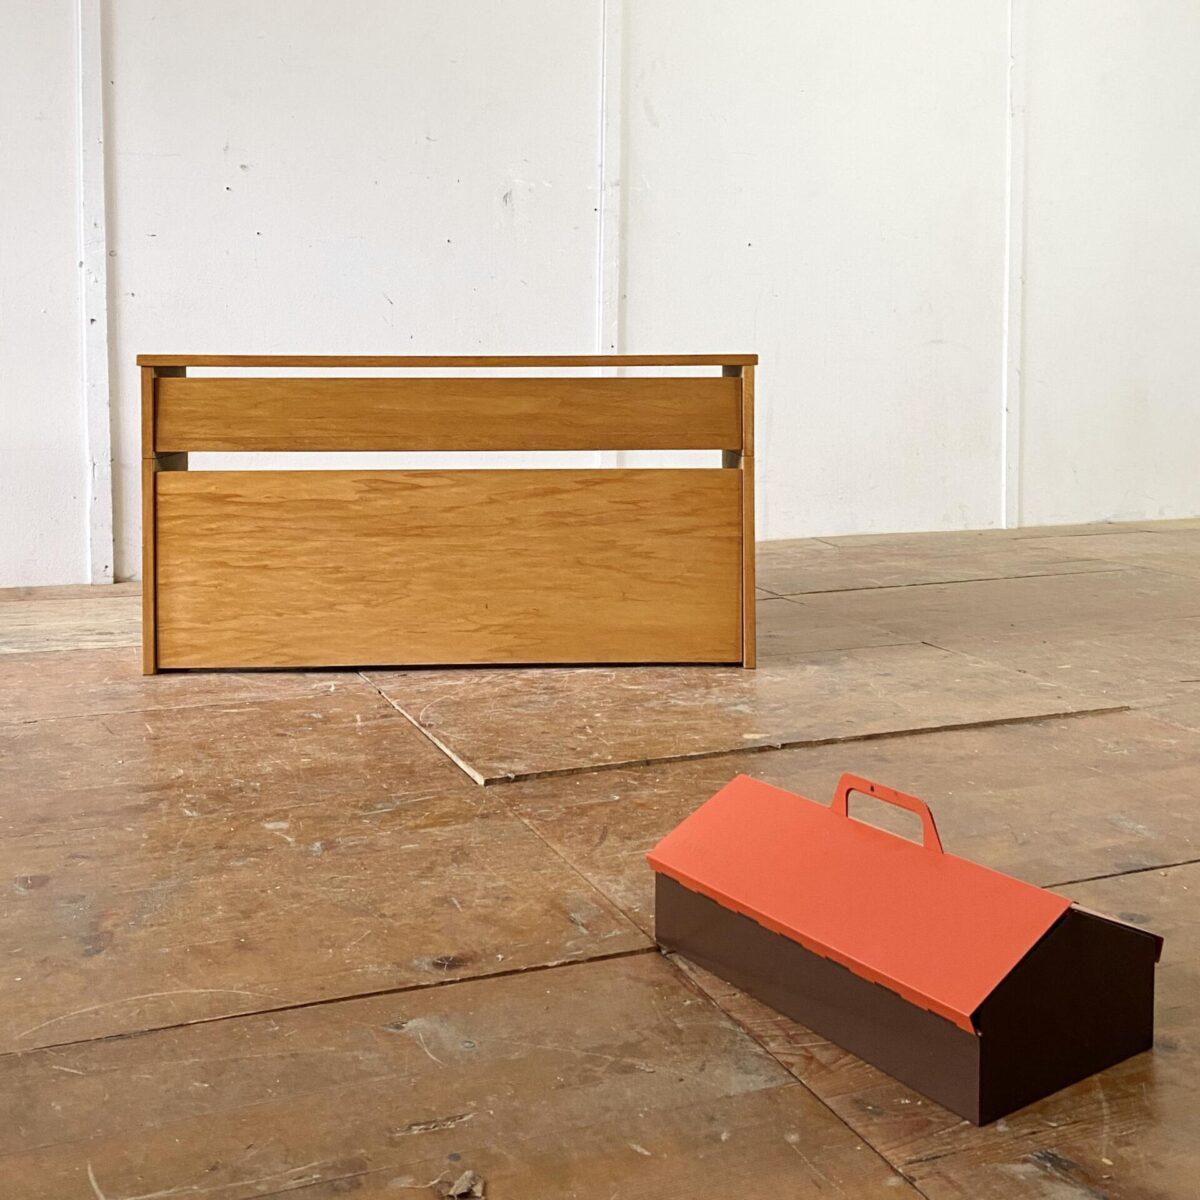 Deuxieme.shop swissdesign 50er Jahre willhelm Kienzle. Schuhkippe aus den 50er Jahren von Willhelm Kienzle für Wohnhilfe Zürich. 101x25cm Höhe 52cm. Die Orange-braune Mewa Schuhputzkiste aus Metall ist ebenfalls verfügbar. Preis: 85.-